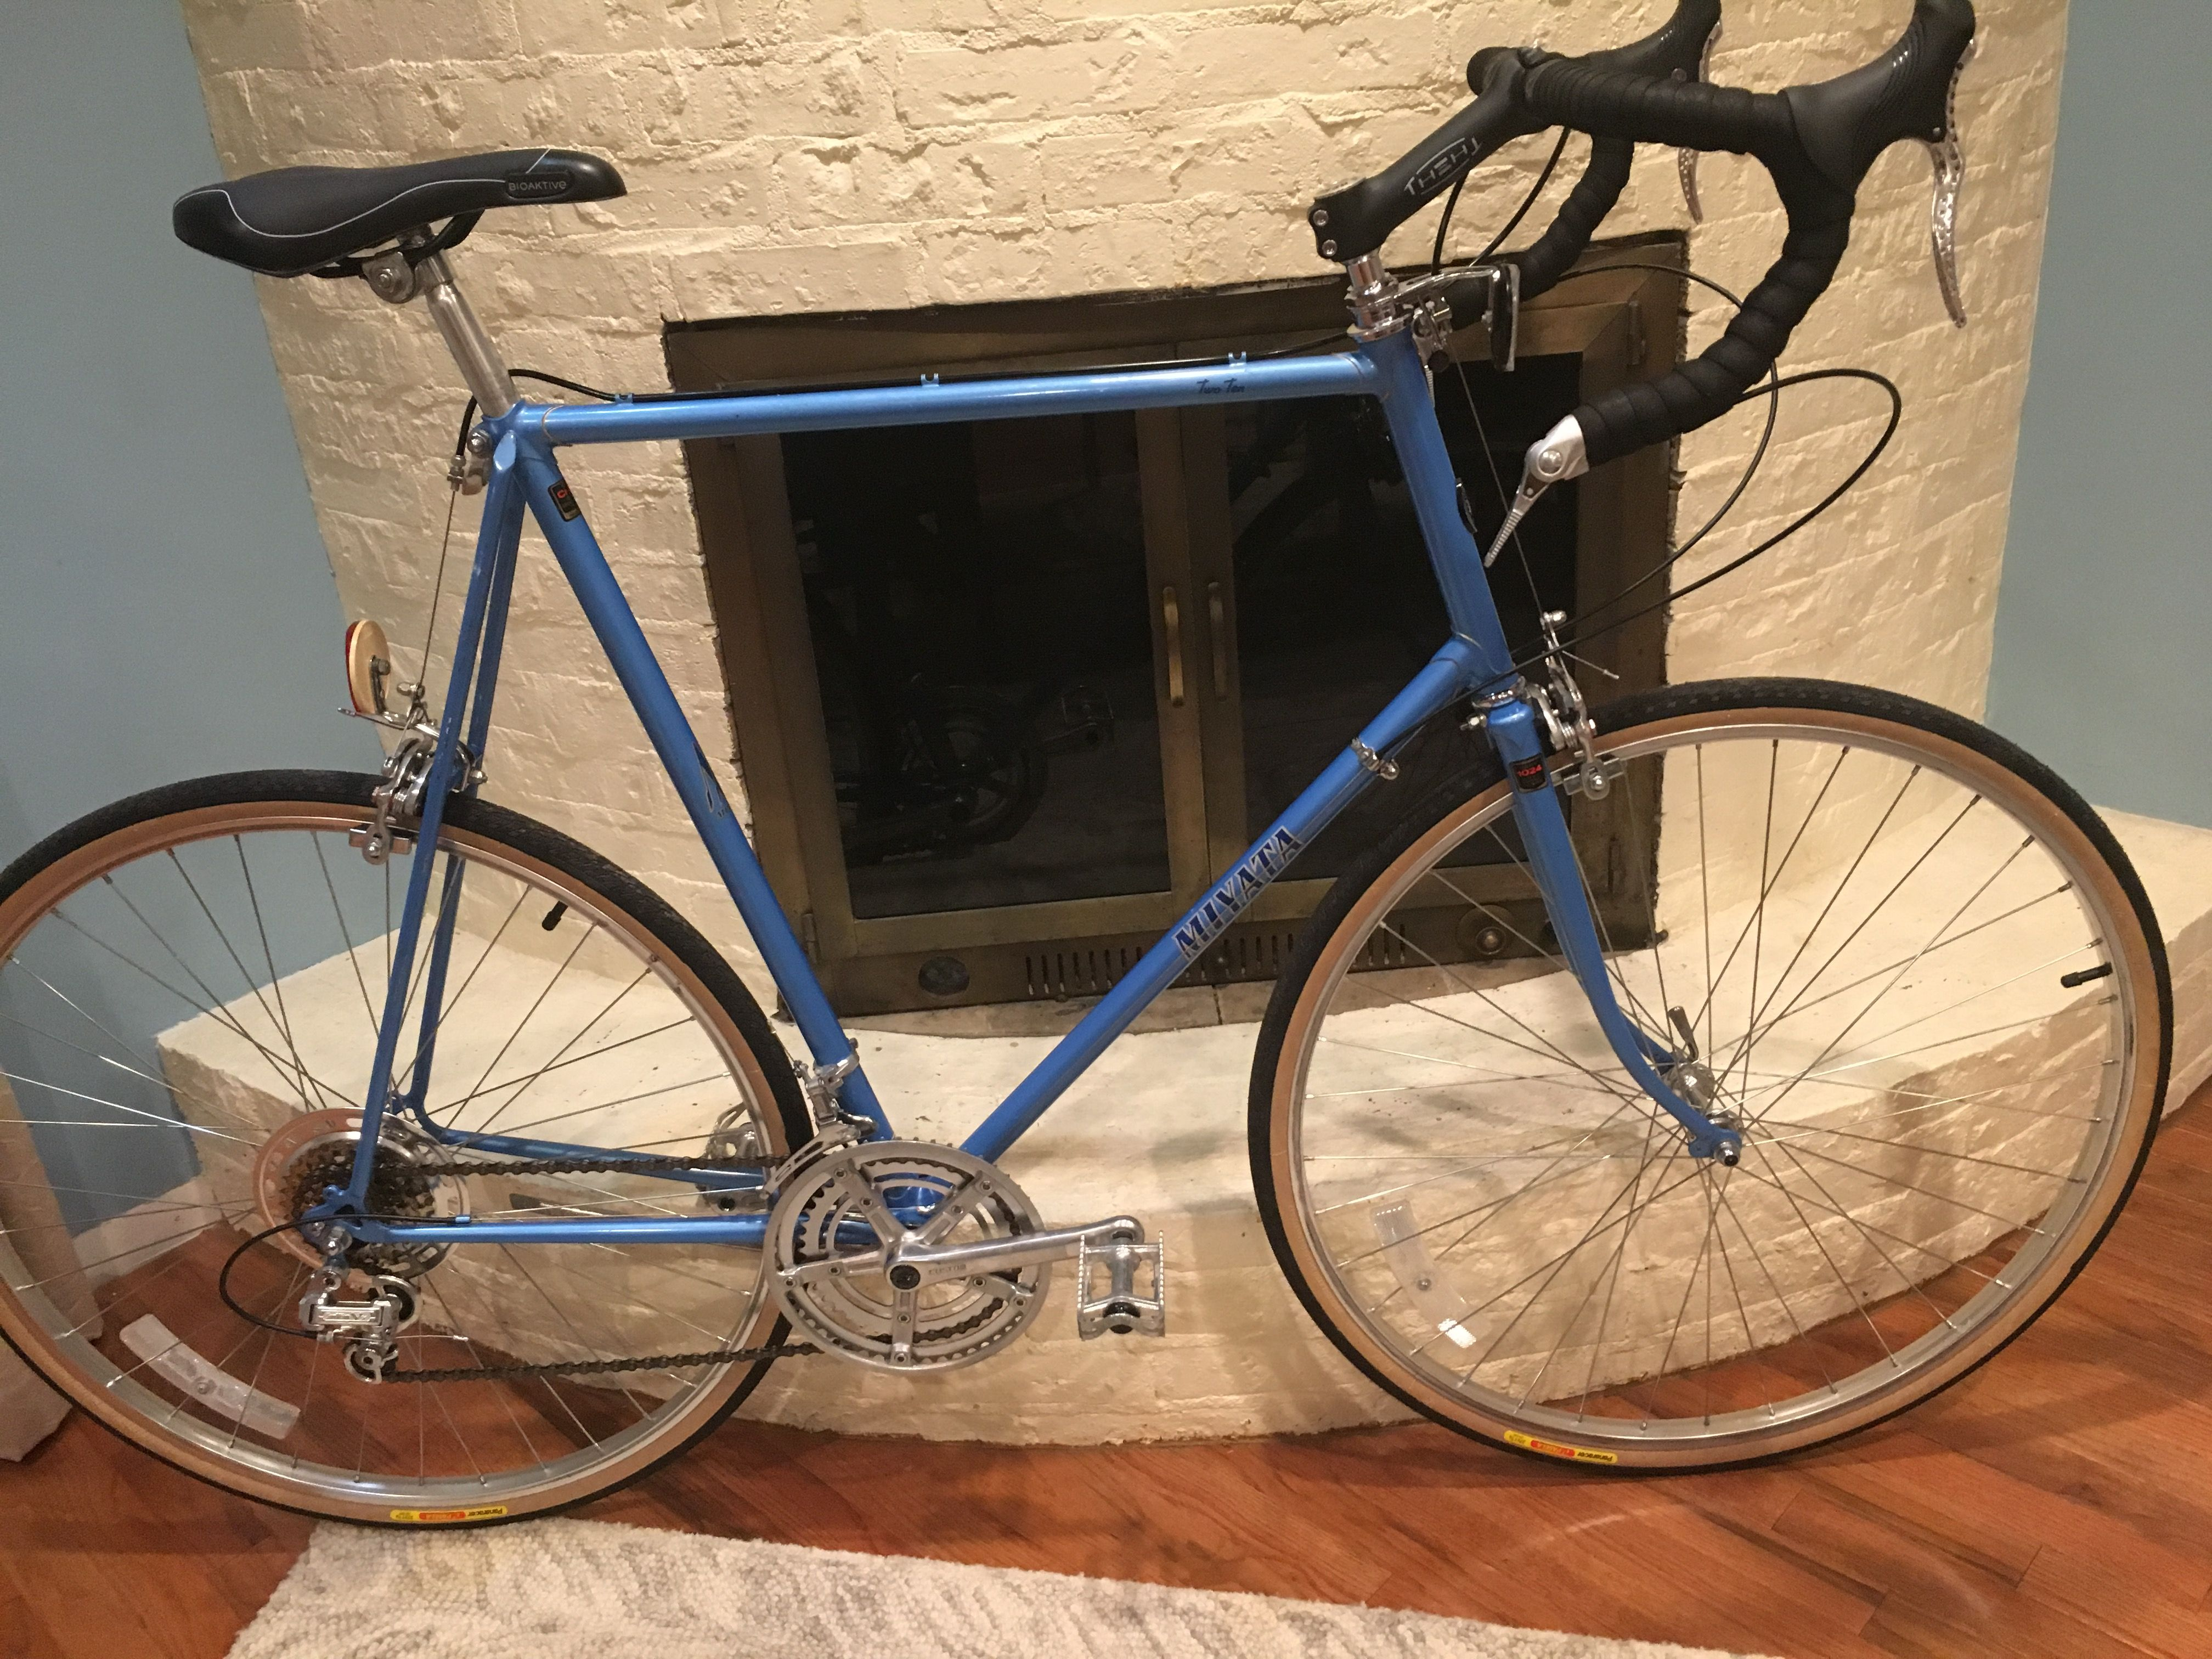 1981 Miyata Two Ten 68 5cm Bike Bicycle Ten